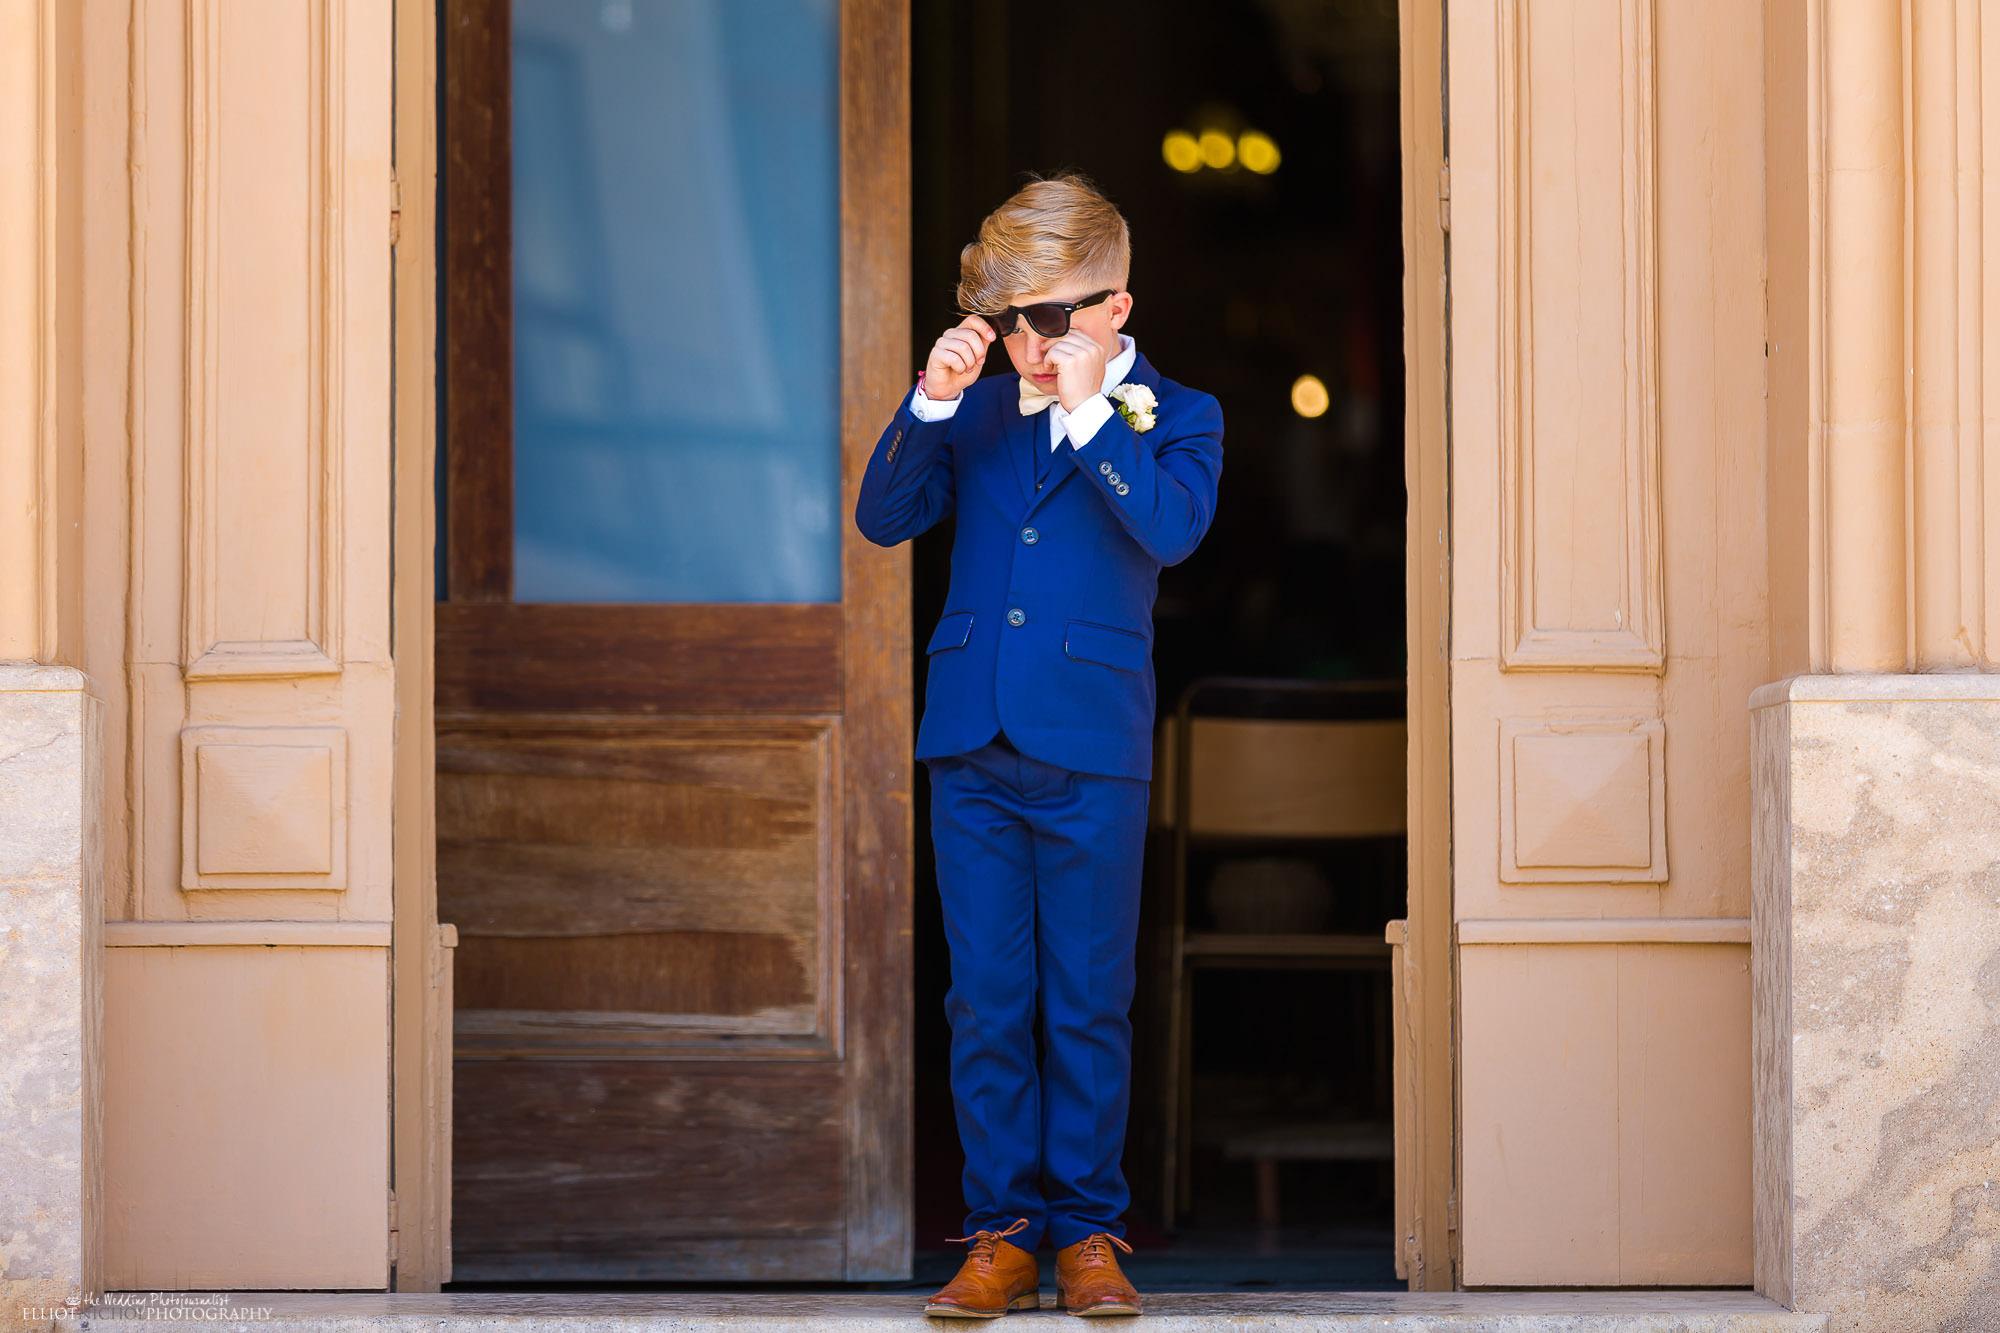 pageboy-wedding-church-destination-Malta-photographer